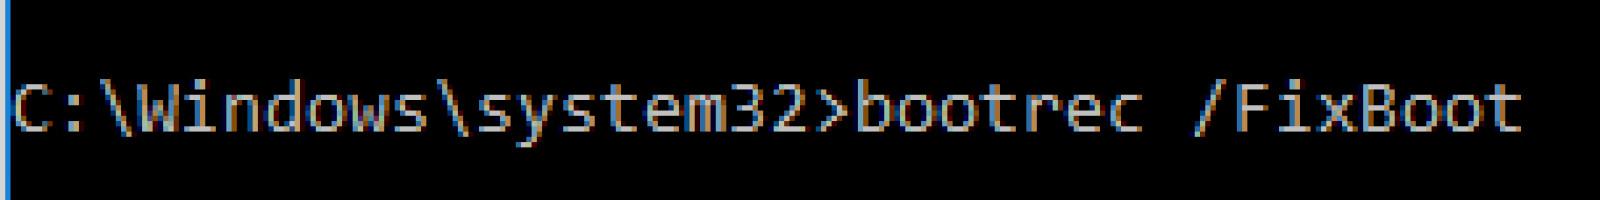 Step 3 Bootrec to fix the srttrail.txt error